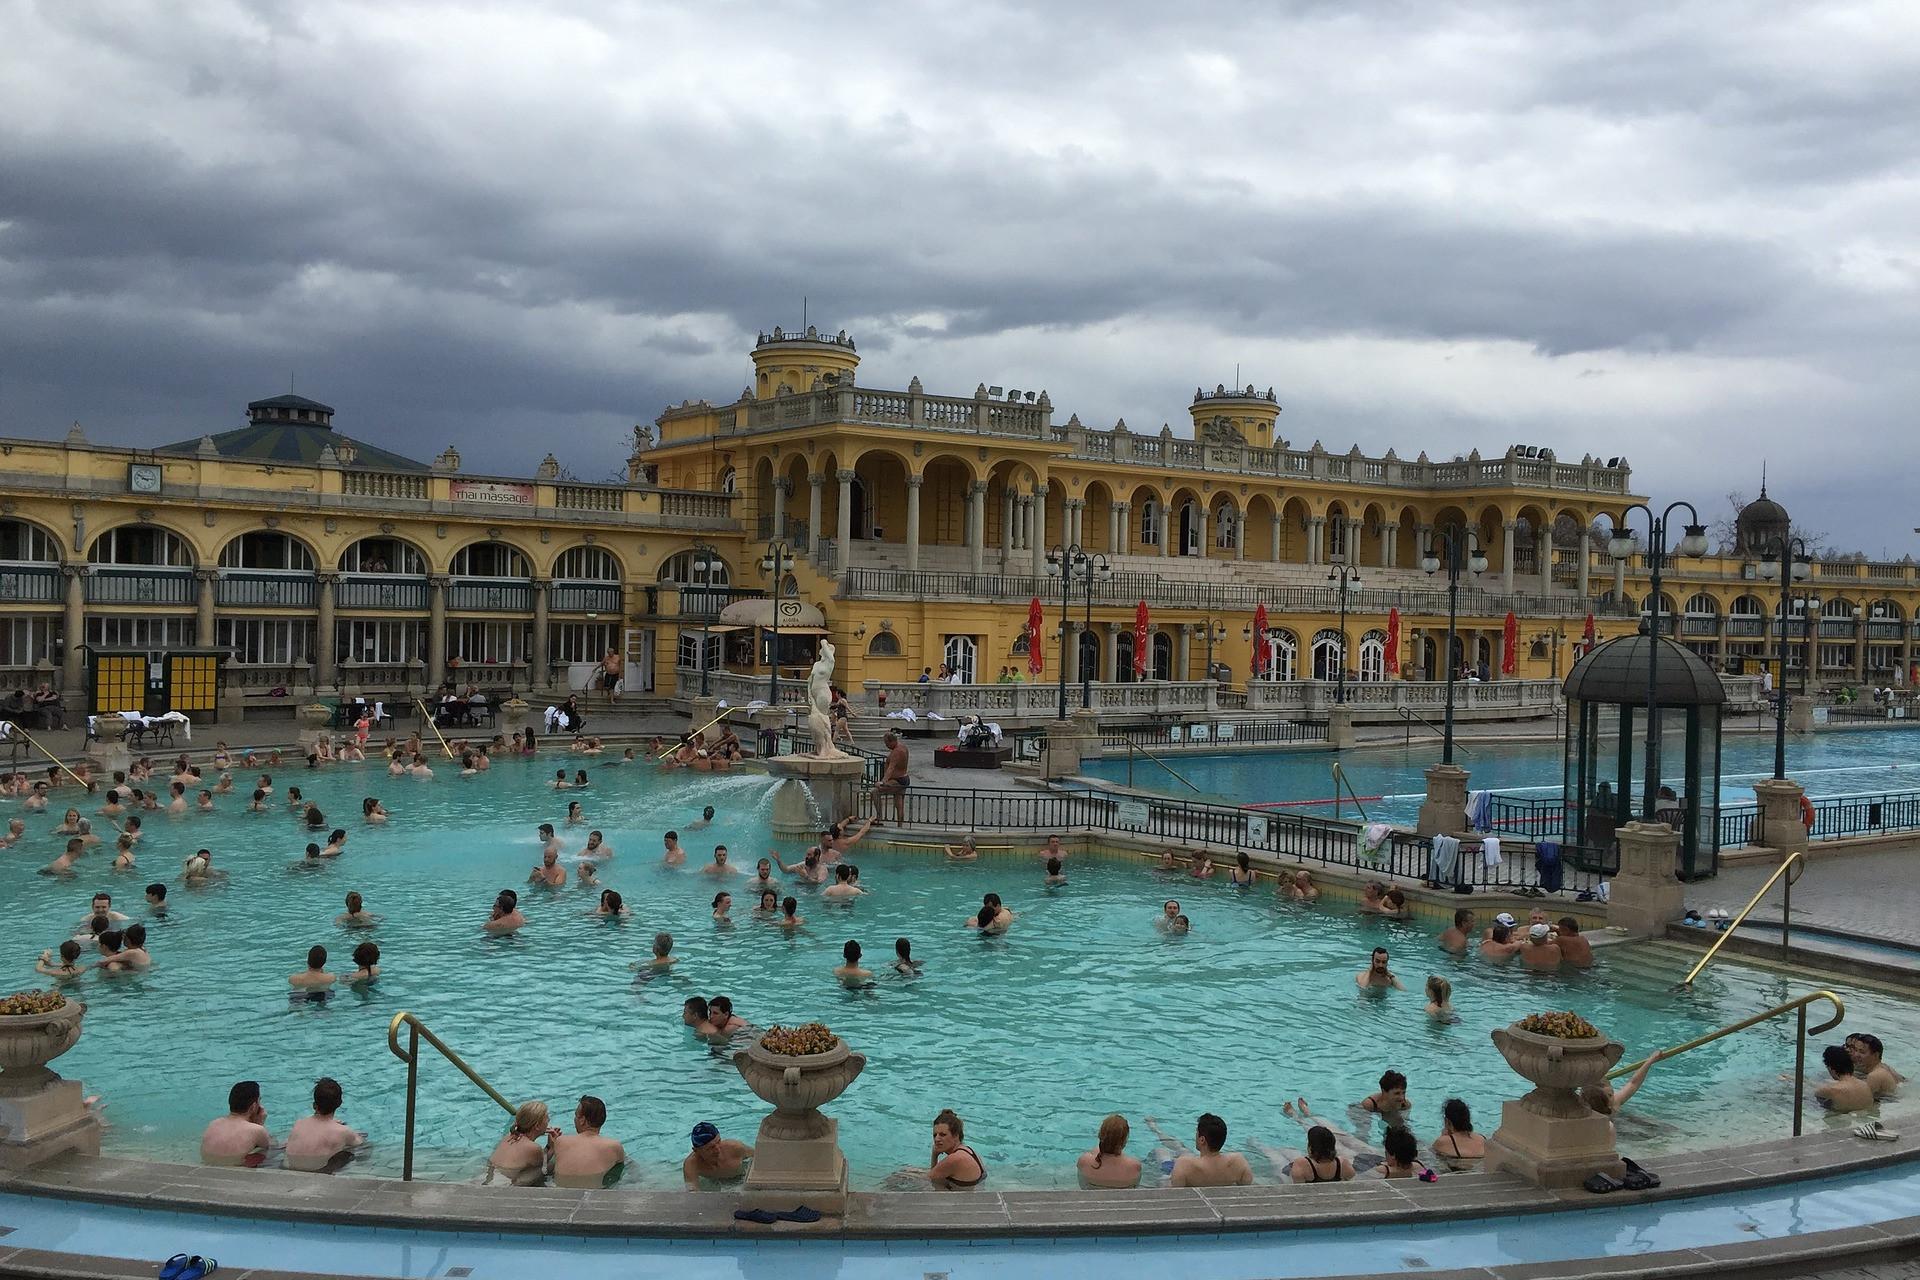 A nyitott Széchenyi-fürdő télen-nyáron remek hely a pihenésre